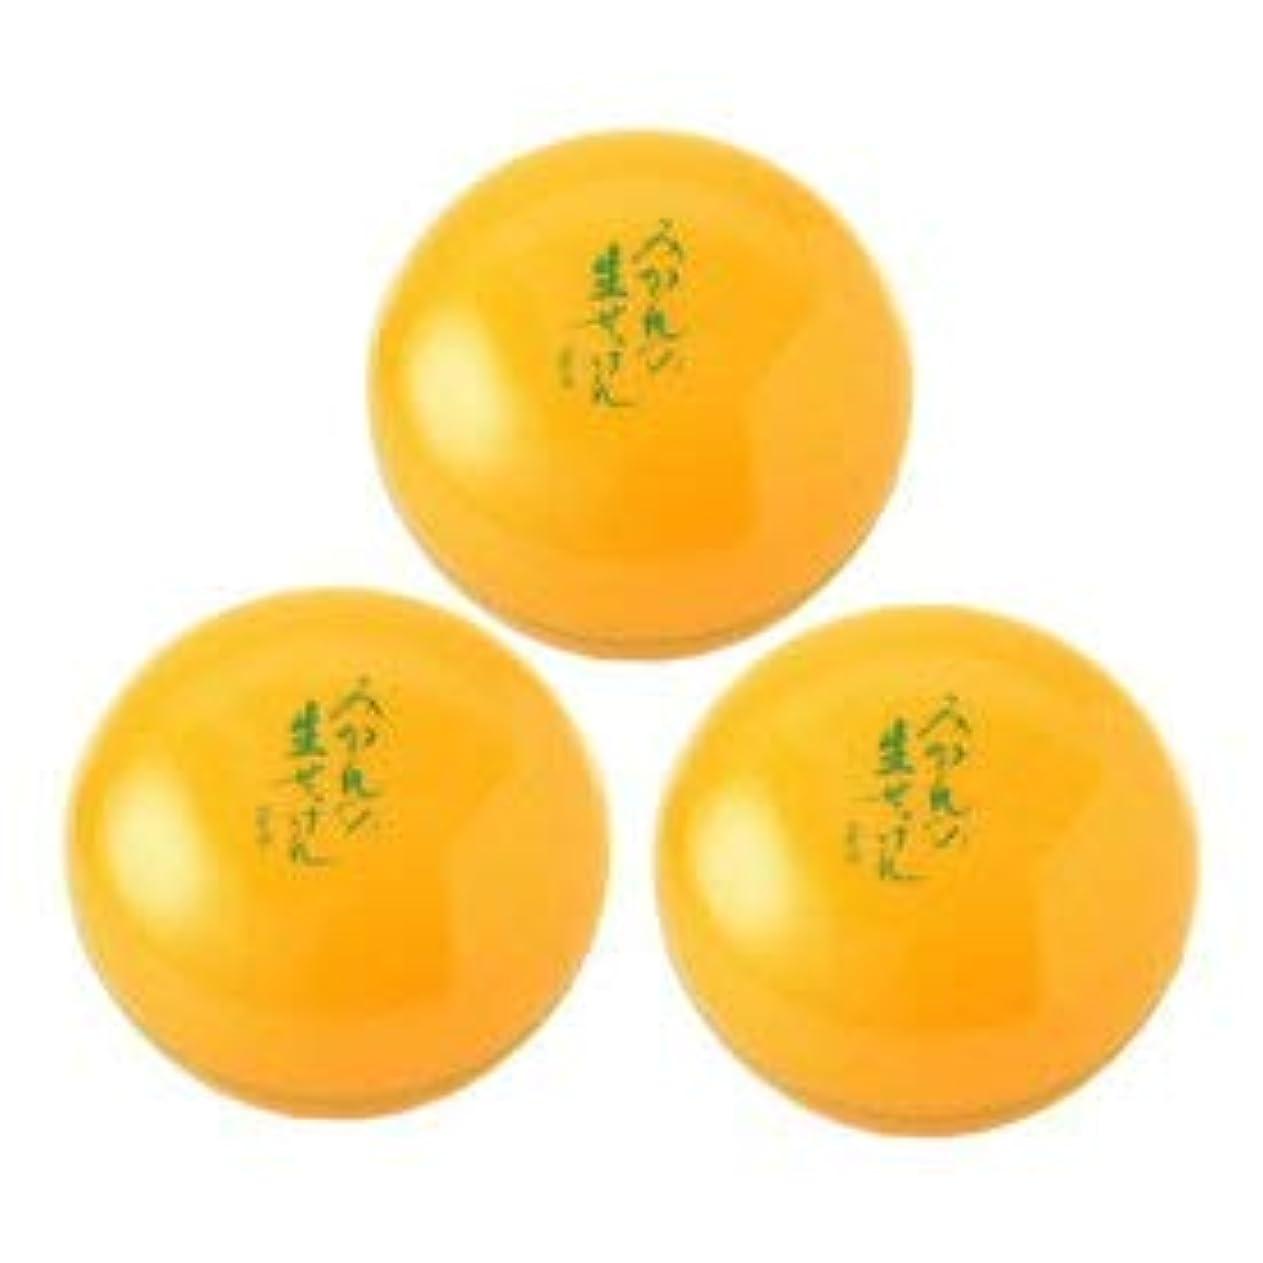 パネル減らす地上のUYEKI美香柑みかんの生せっけん50g×3個セット